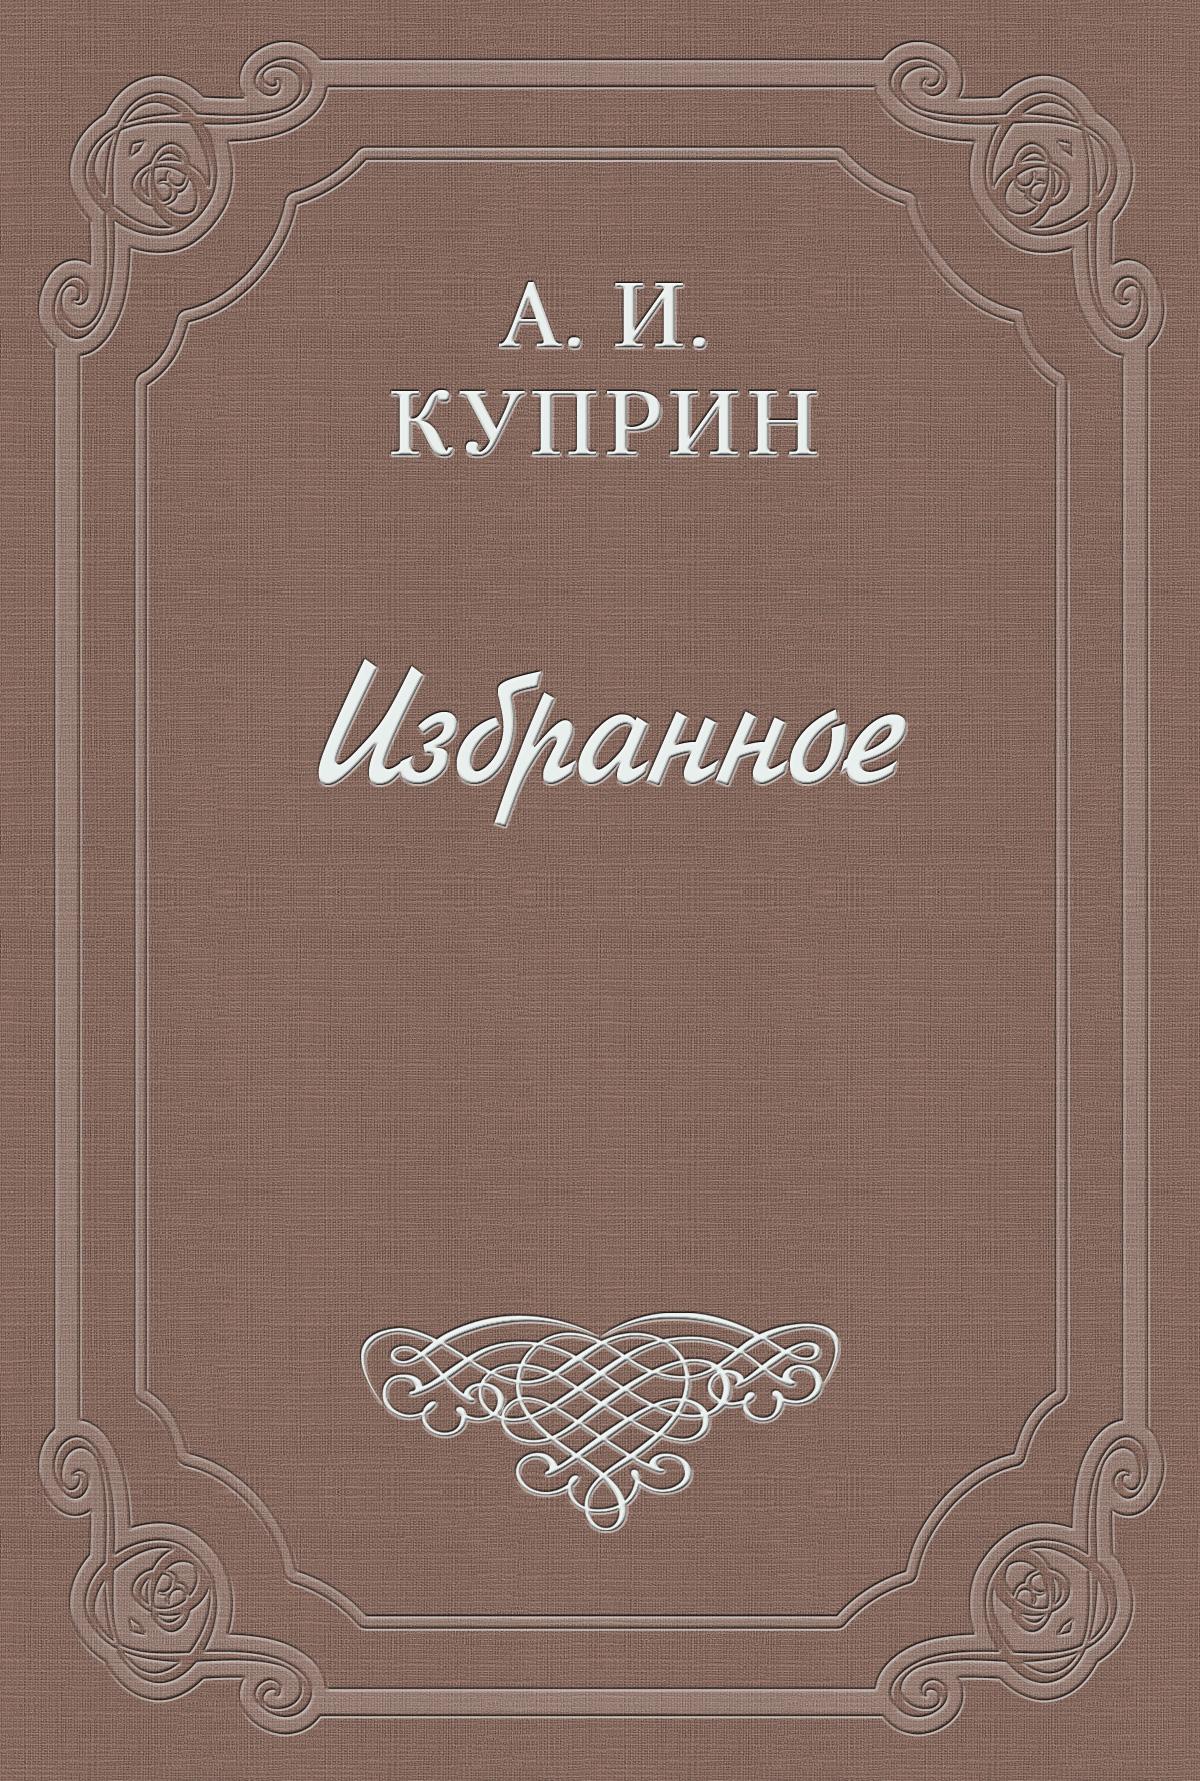 Александр Куприн О Камилле Лемонье